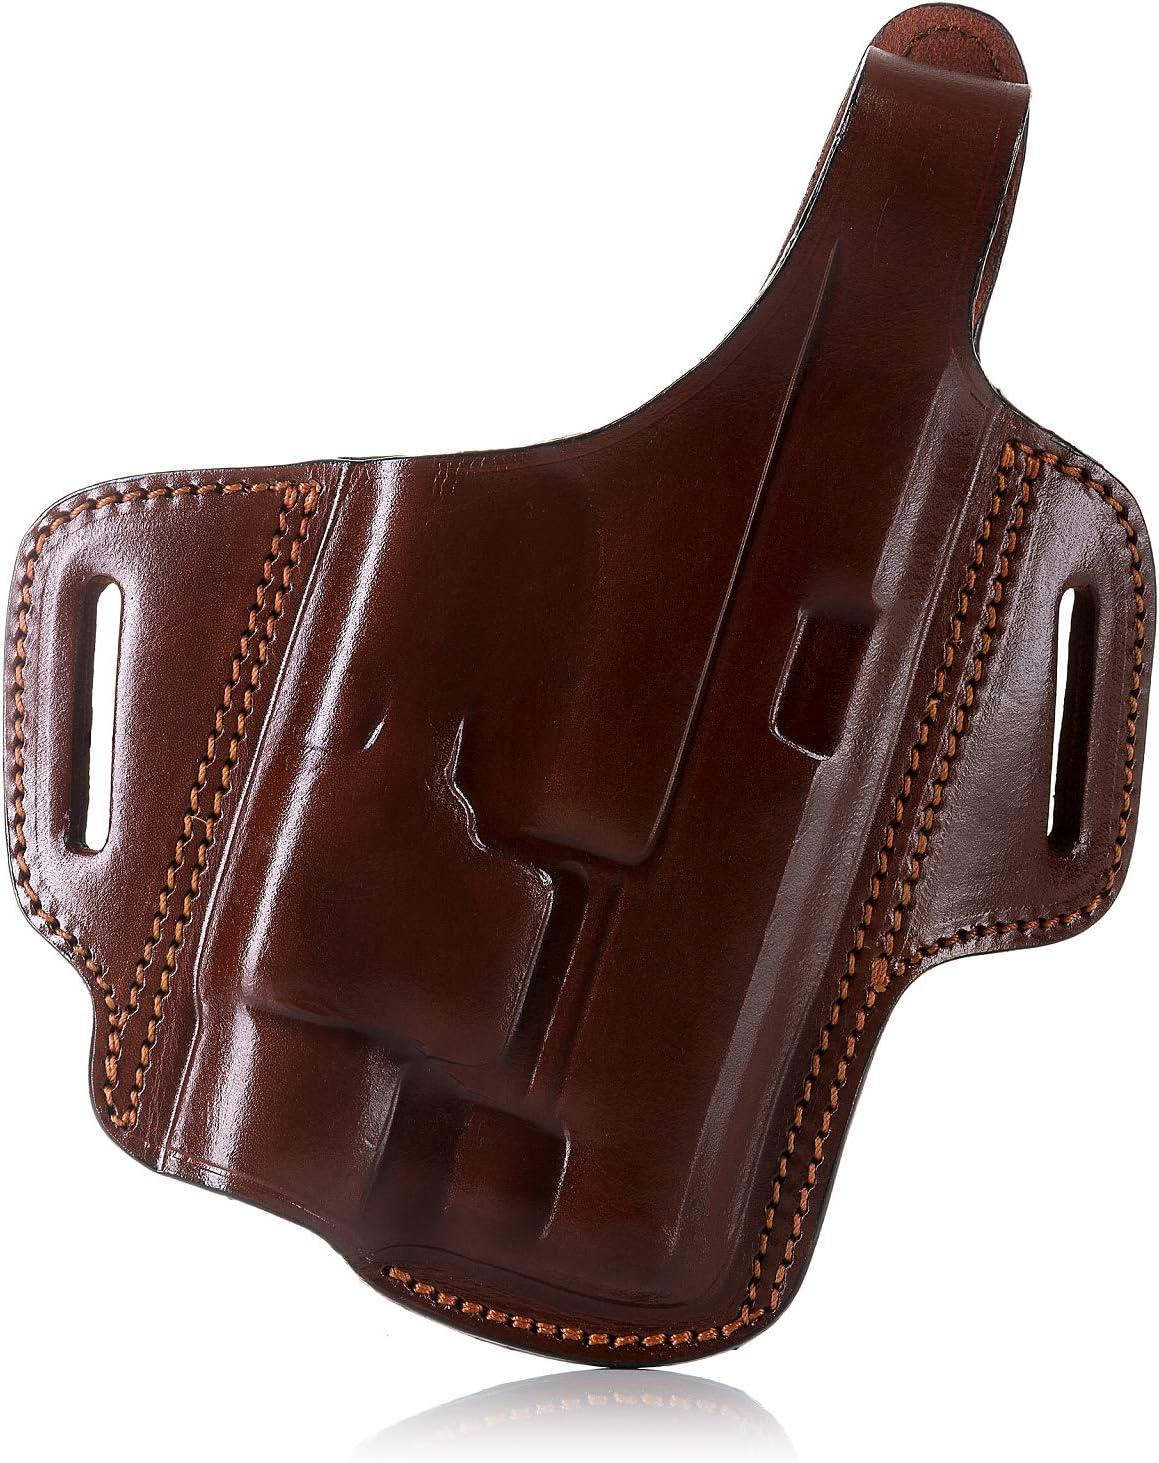 Black Details about  /Galco Halo Belt Leather Holster Left HLO213B Belt Holster